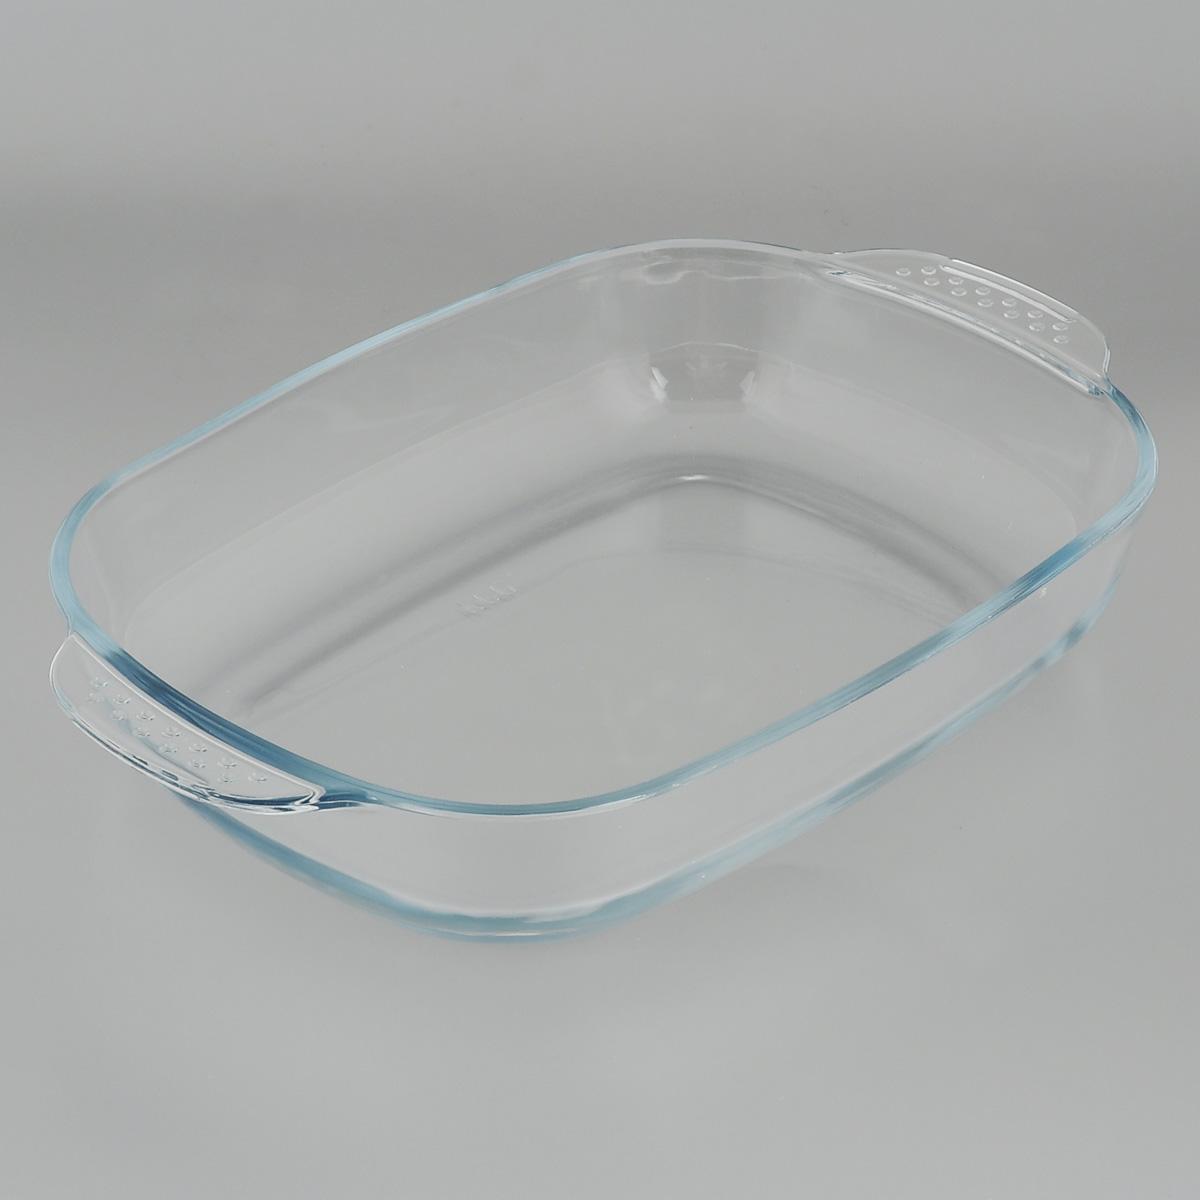 Форма для запекания Mijotex, прямоугольная, 41 см х 26 смPLH4Прямоугольная форма для запекания Mijotex изготовлена из жаропрочного стекла,которое выдерживает температуру до +450°С. Форма предназначена дляприготовления горячих блюд. Оснащена двумя ручками. Материал изделия гигиеничен, прост в уходе и обладает высокой степенью прочности.Форма идеально подходит для использования в духовках, микроволновых печах,холодильниках и морозильных камерах. Также ее можно использовать на газовыхплитах (на слабом огне) и на электроплитах. Можно мыть в посудомоечноймашине. Внутренний размер формы: 35,5 см х 26 см. Внешний размер формы (с учетом ручек): 41 см х 26 см.Высота стенки формы: 6 см.